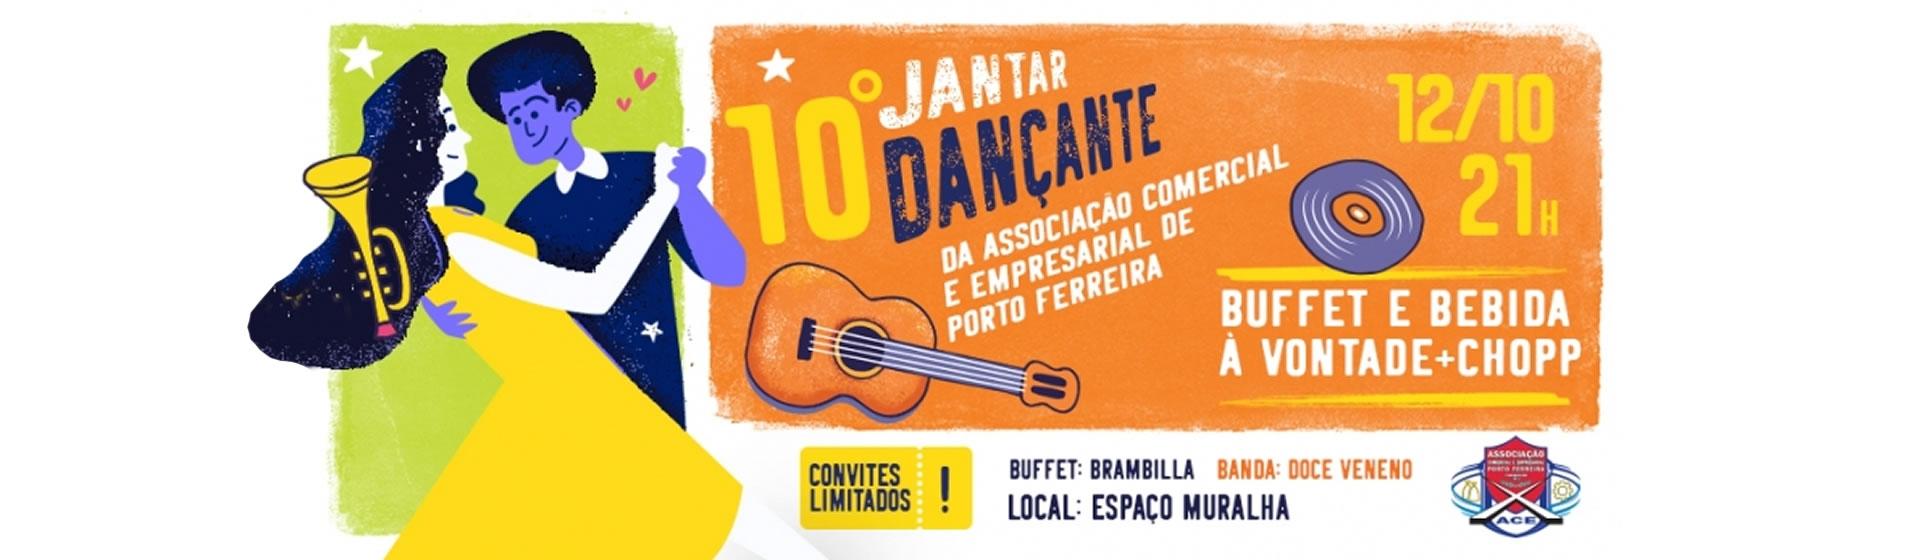 JANTAR DANÇANTE 2019